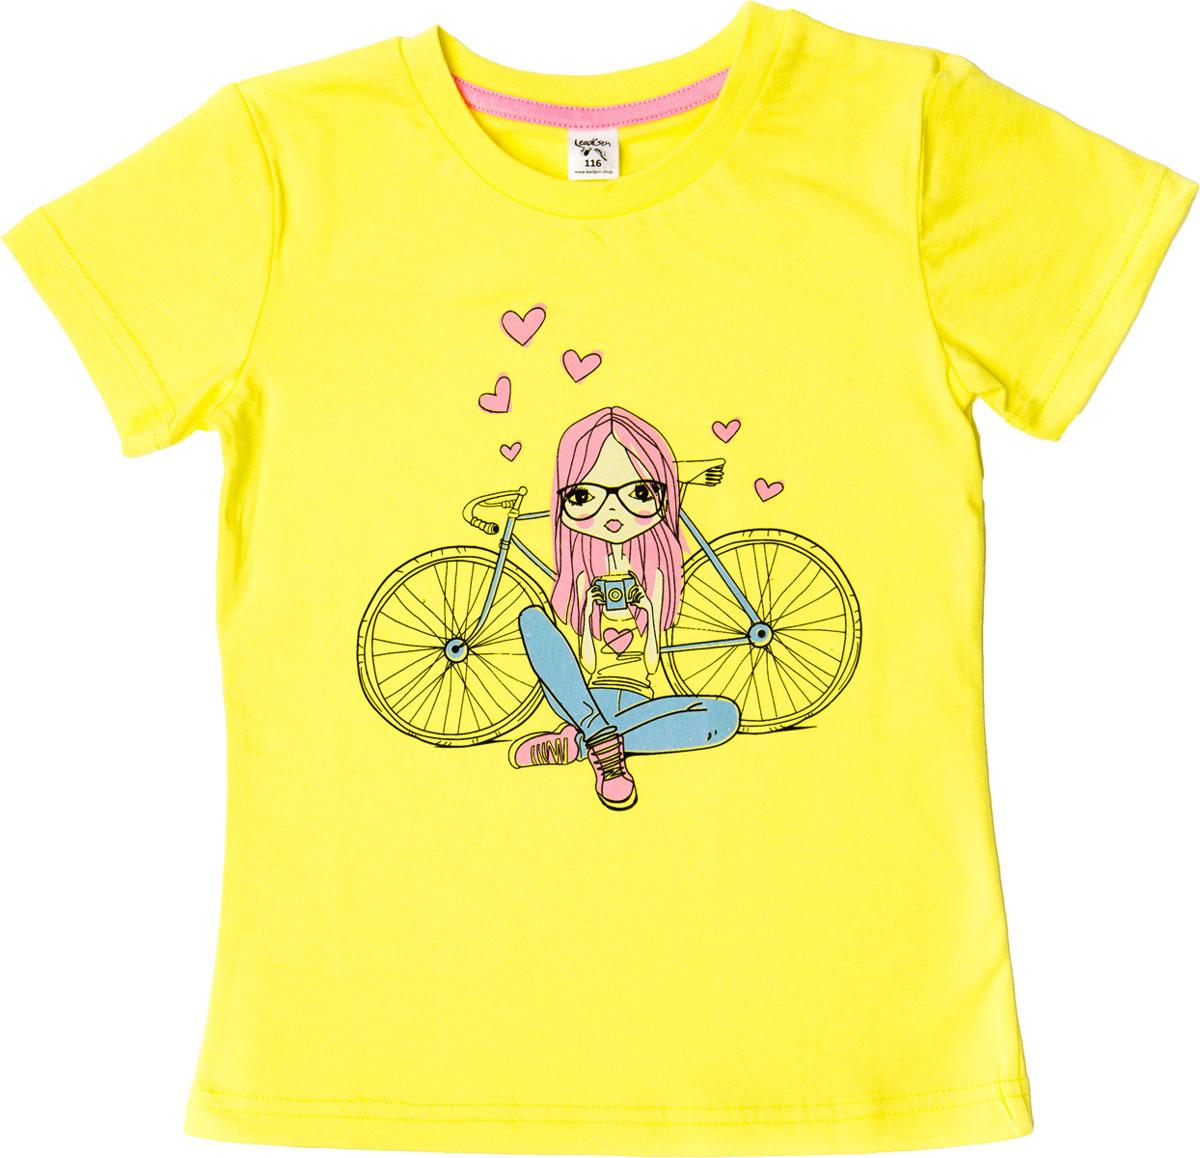 Футболка для девочки LeadGen, цвет: желтый. G613046915-171. Размер 140 перфоратор makita dhr263rf4